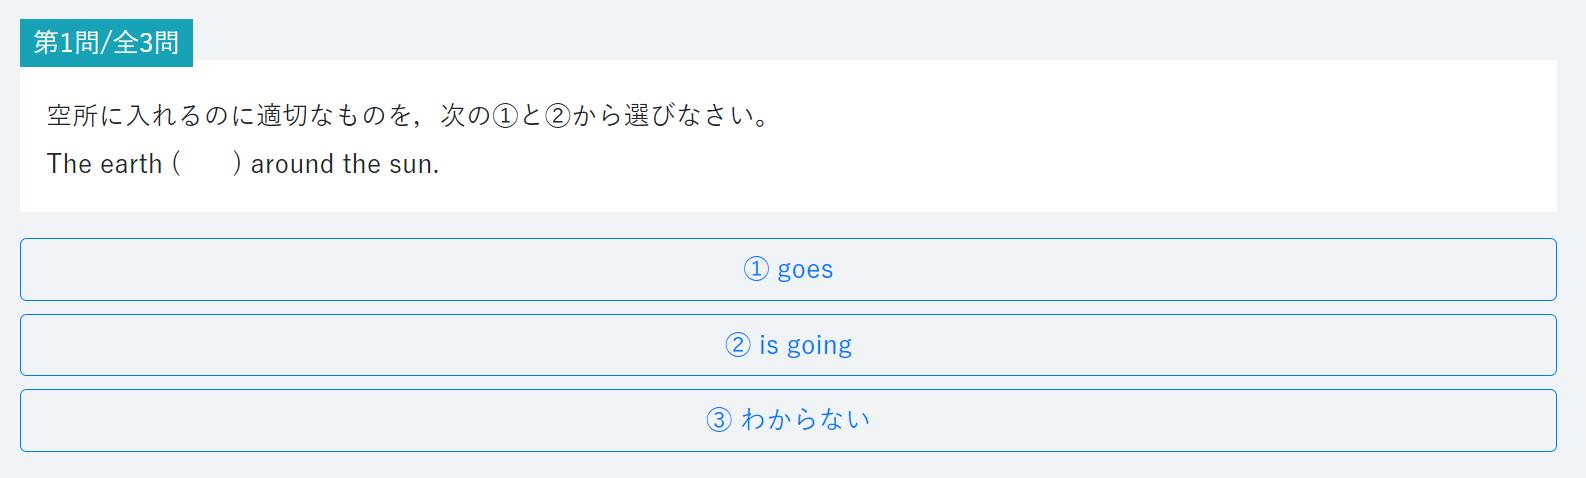 河合塾One英語のレベルチェックテスト